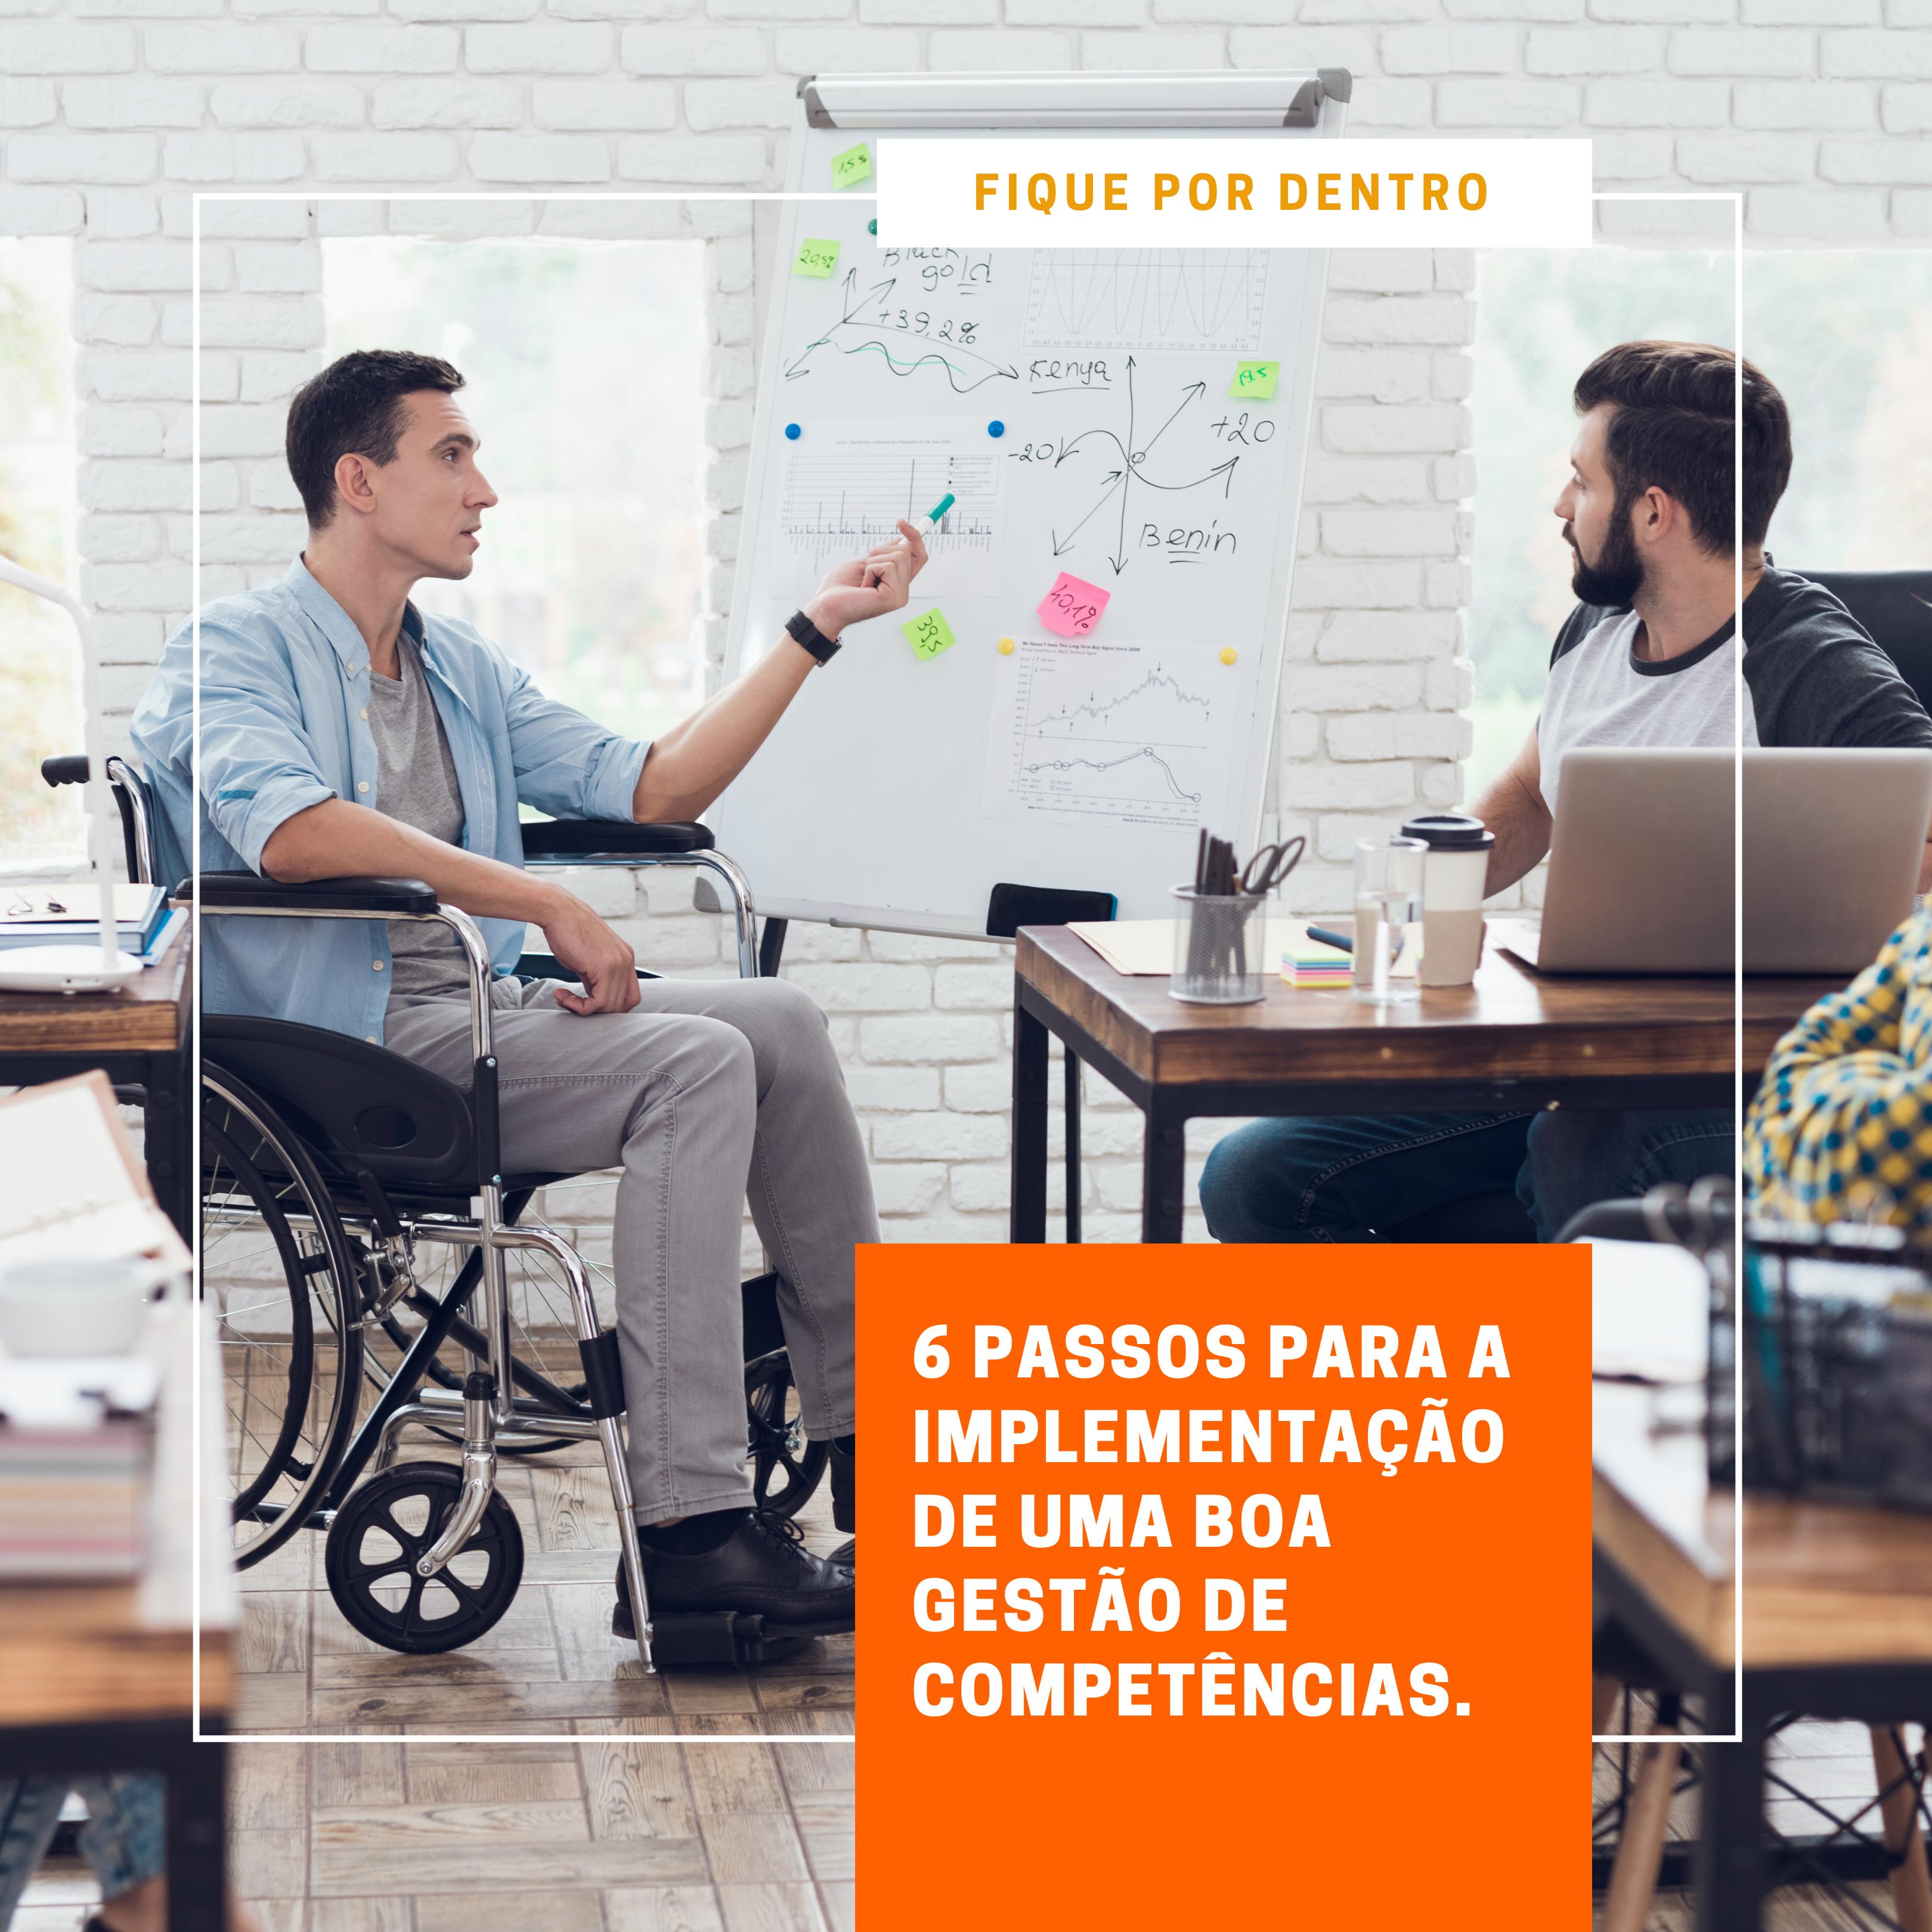 Foto de 6 passos para a implementação de uma boa gestão de competências